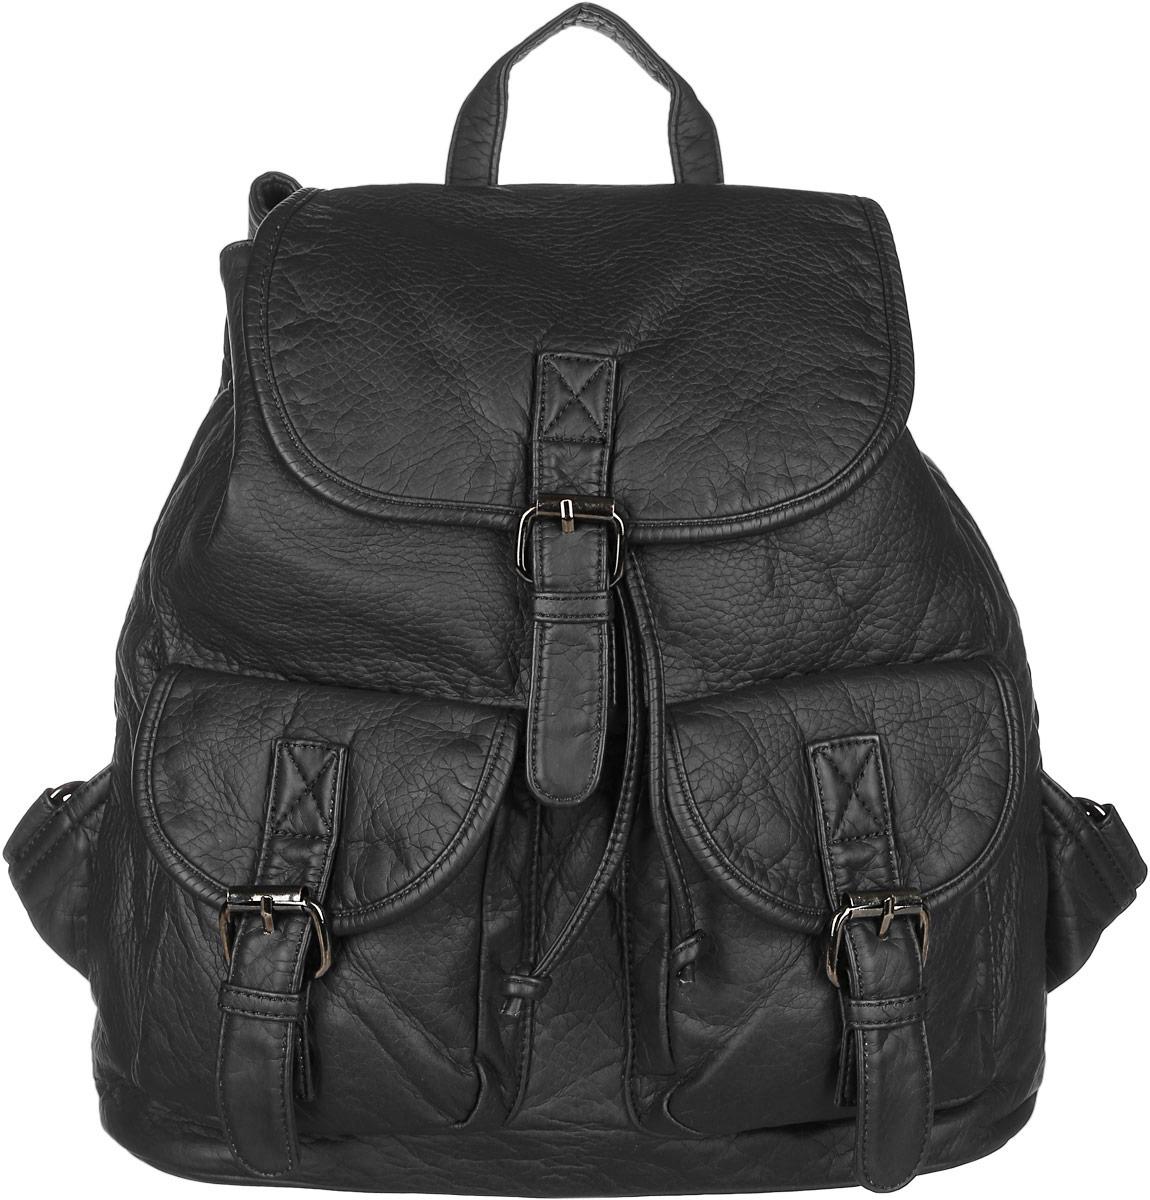 Рюкзак женский Janes Story, цвет: черный. TW-8915-04TW-8915-04Стильный женский рюкзак Janes Story выполнен из искусственной кожи. Изделие содержит отделение, закрывающееся с помощью затягивающего шнурка с фиксатором и клапана с магнитным замком. Внутри расположены: два накладных кармана для мелочей и два кармана на молнии. Спереди рюкзак дополнен двумя карманами, которые застегиваются при помощи хлястиков с пряжками, сзади прорезным карманом на молнии. Рюкзак оснащен удобными лямками регулируемой длины, а также петлей для подвешивания. Оригинальный аксессуар позволит вам завершить образ и быть неотразимой.